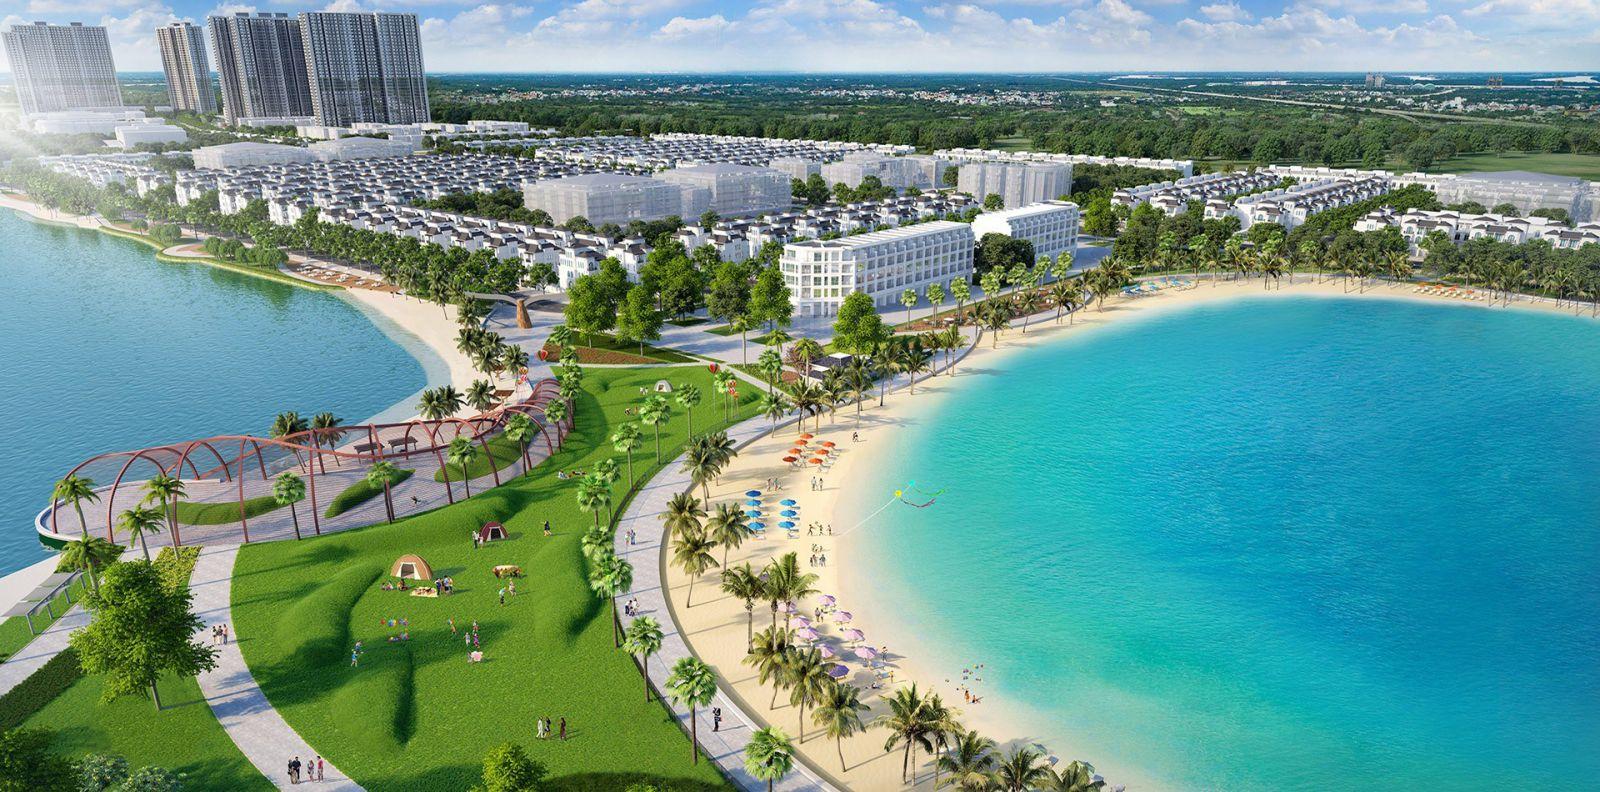 Phân khu thấp tầng dự án Vinhomes Ocean Park Gia Lâm